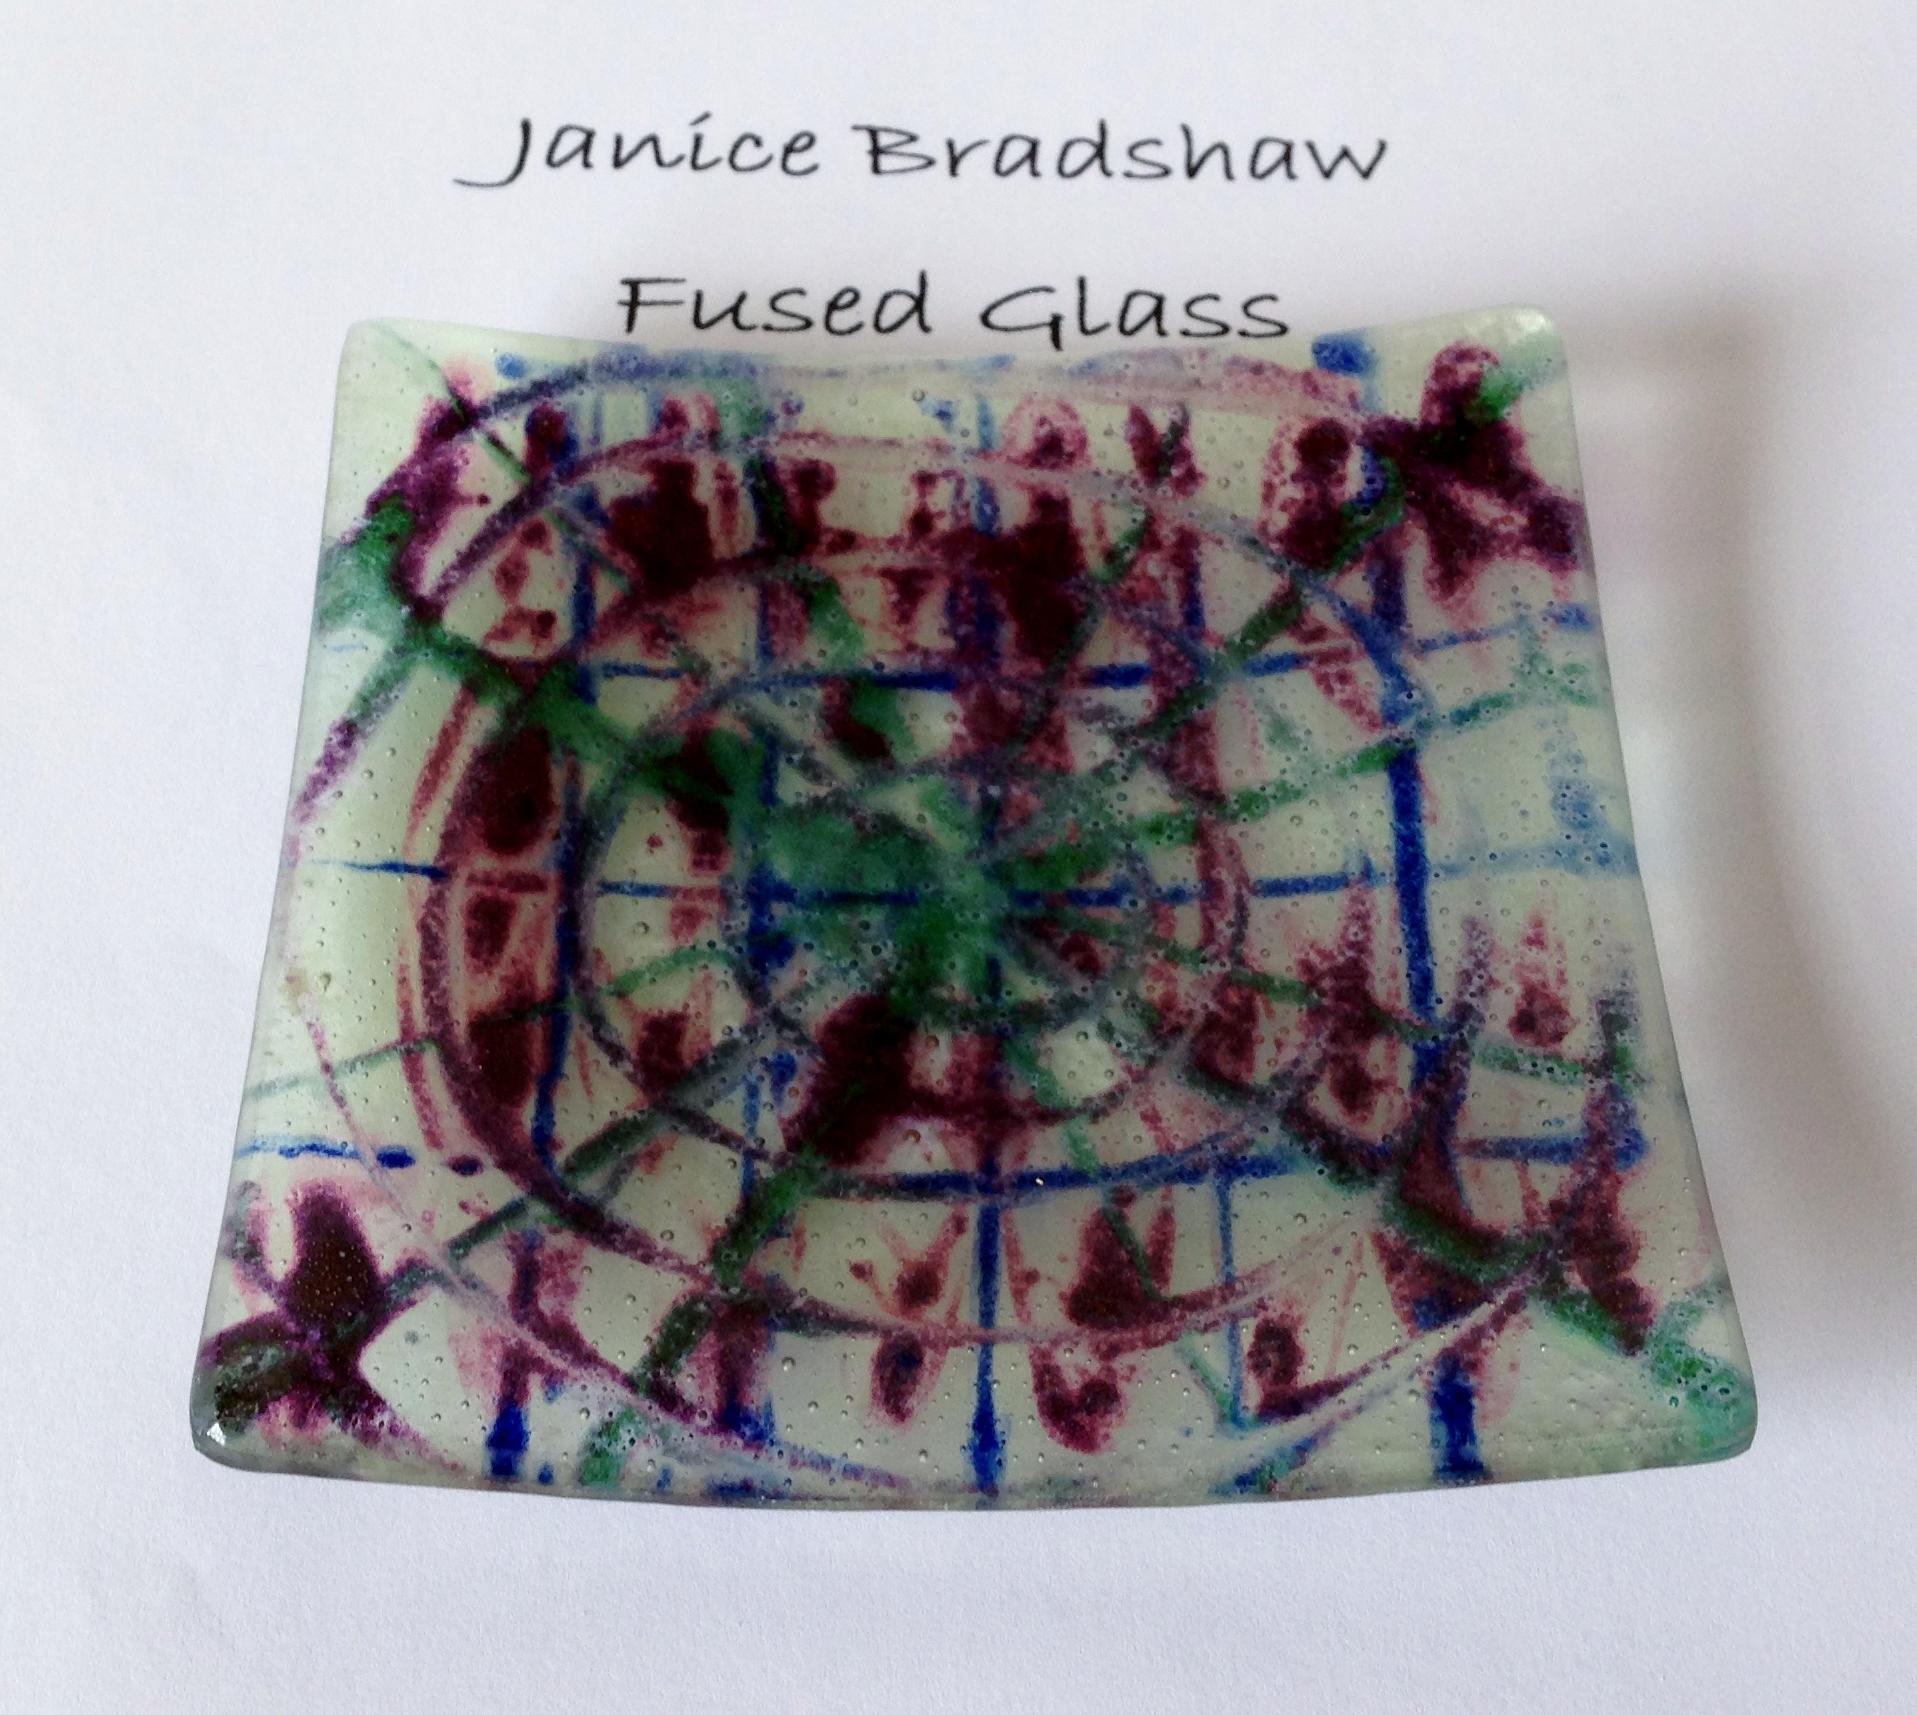 Fused Glass & Enamel plate by Janice Bradshaw 110x110mm